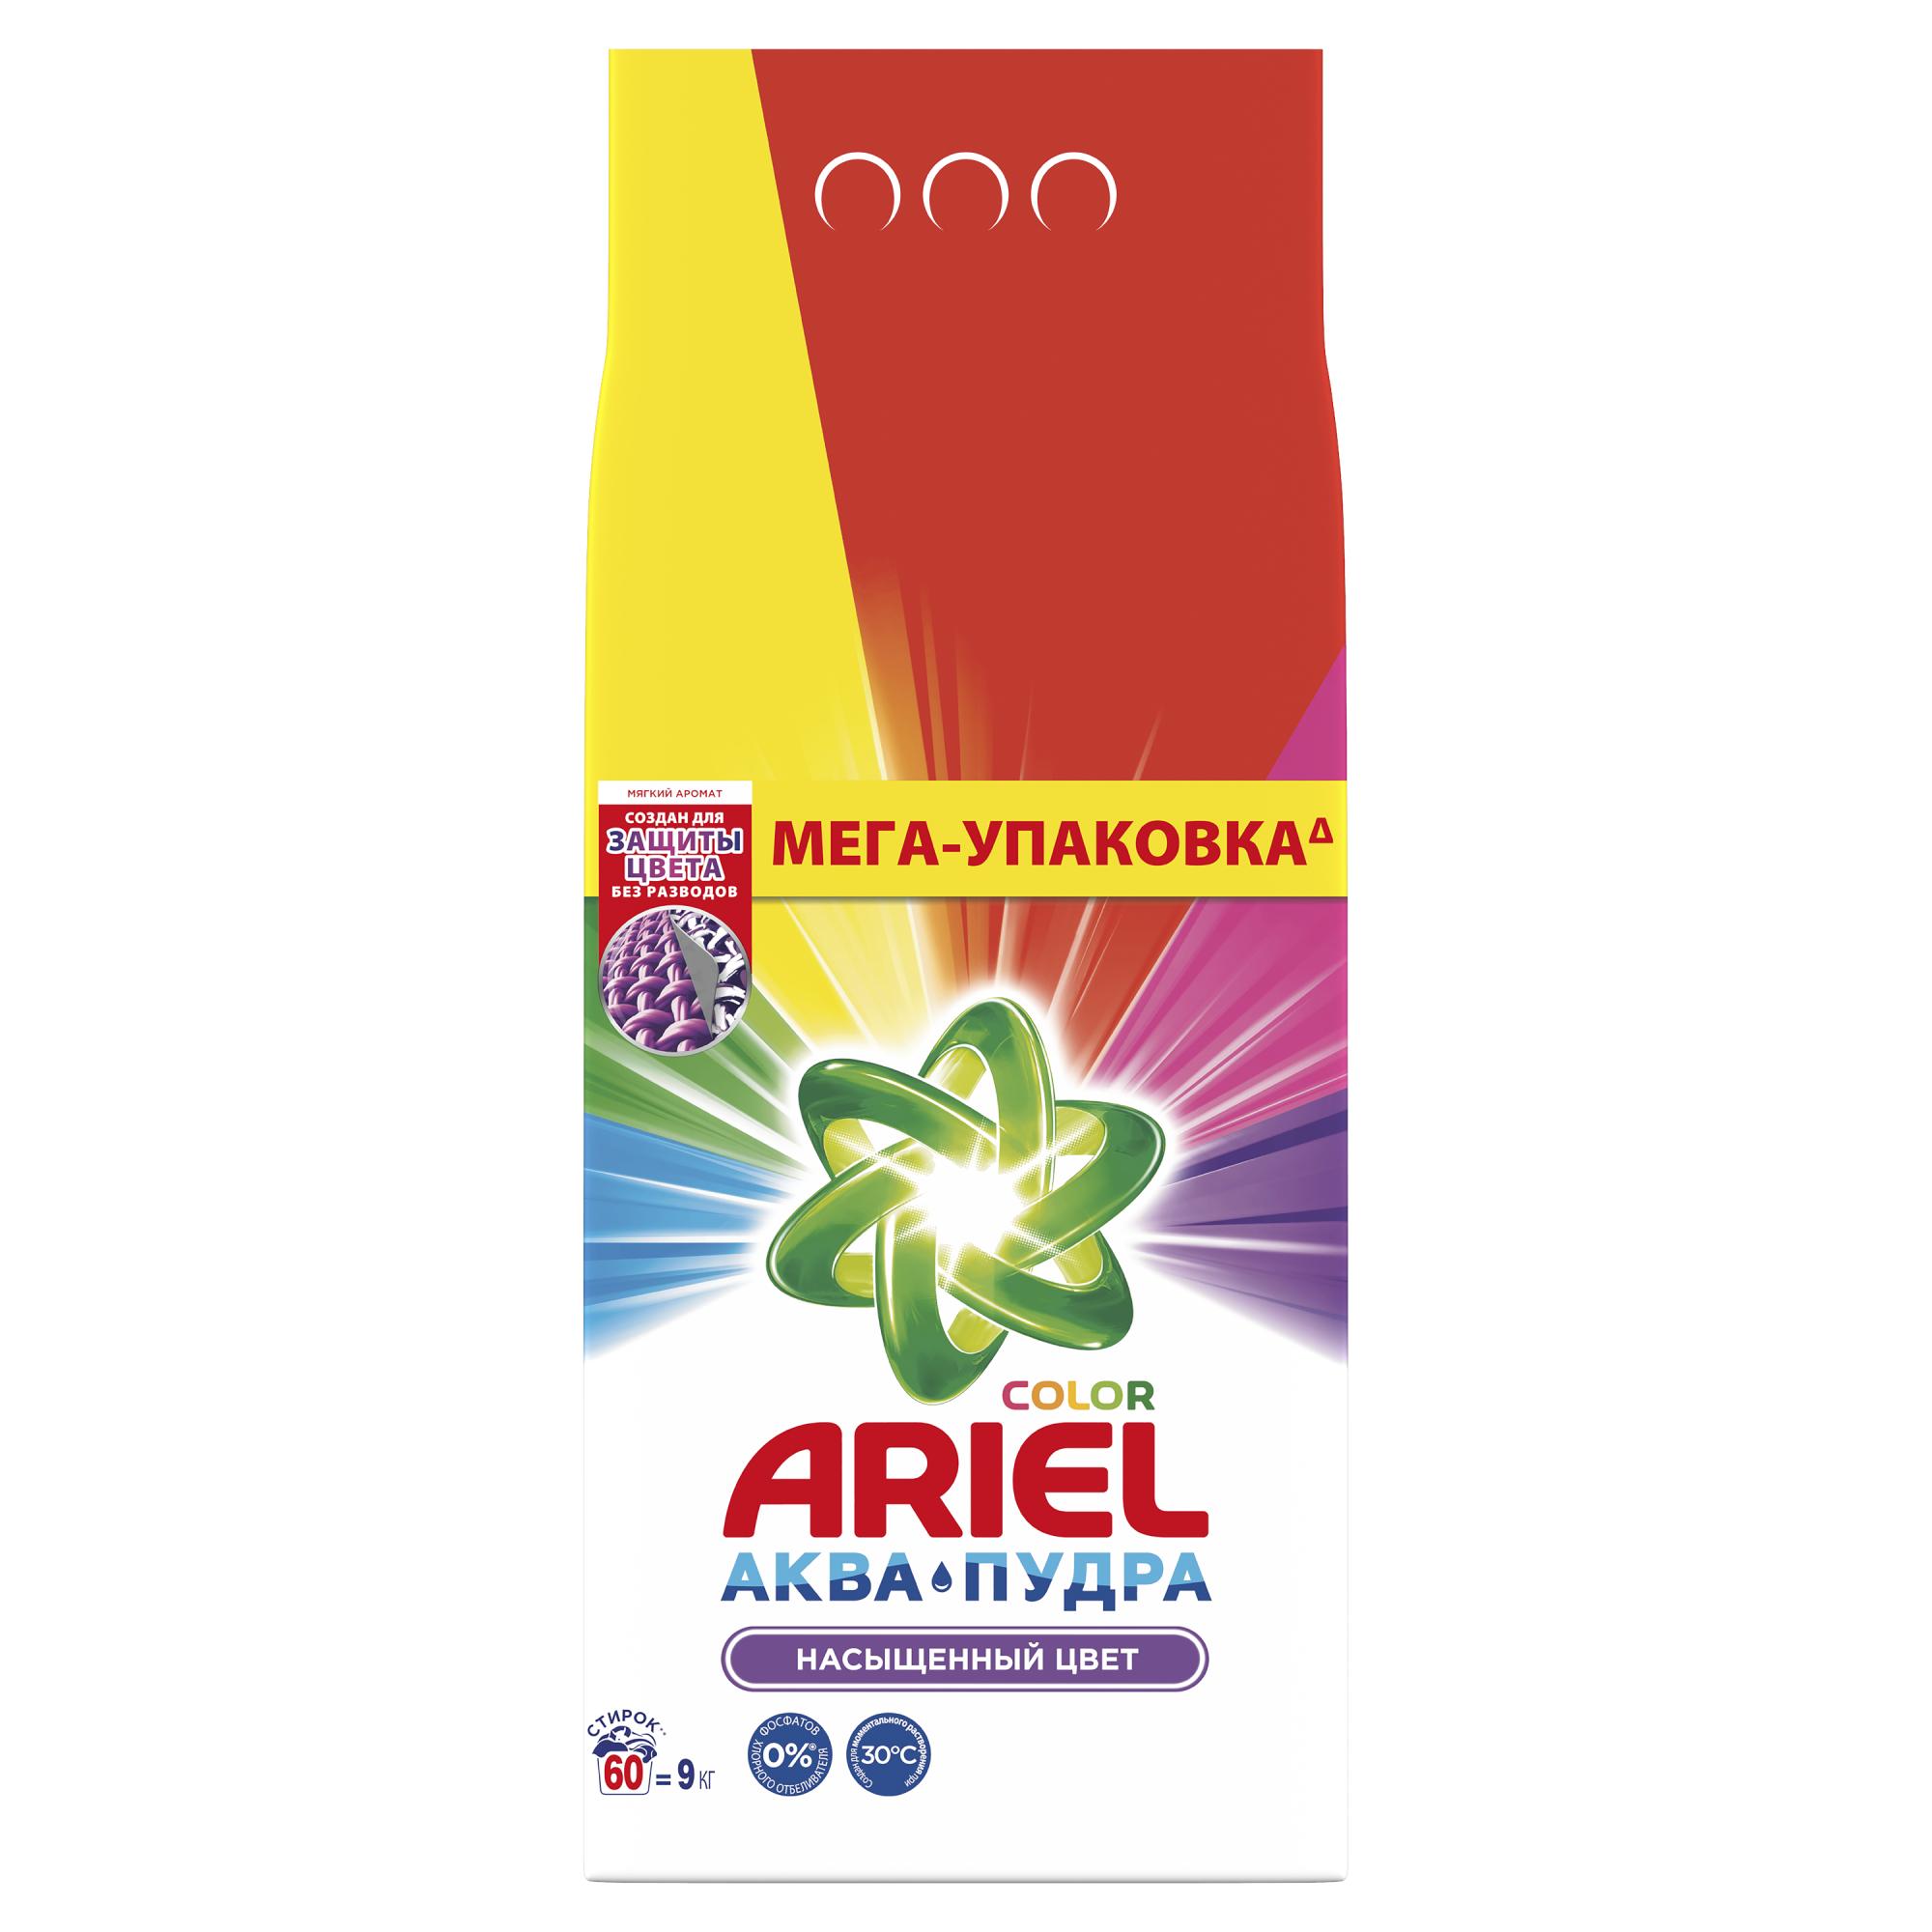 Стиральный порошок Ariel Автомат Чистота Deluxe Color&Style 9 кг